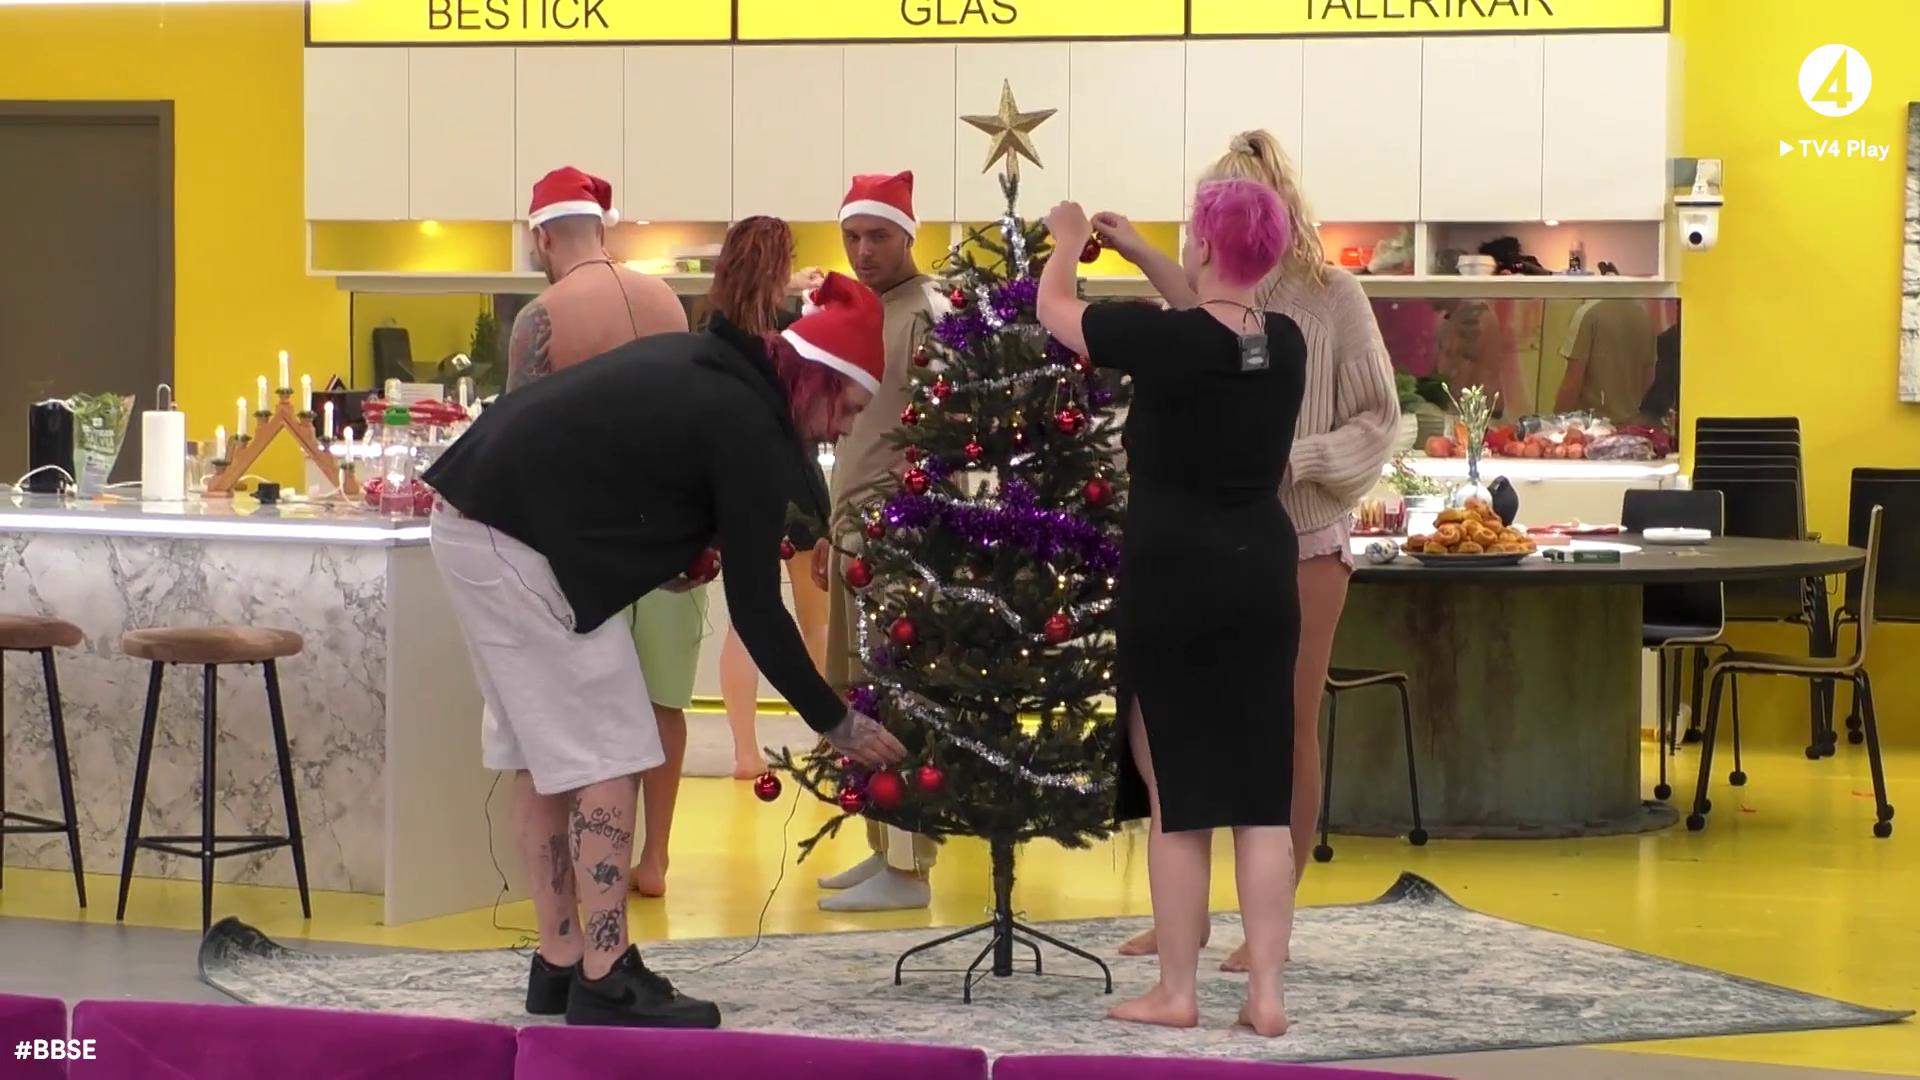 Nu är det jul här i vårt Big Brother-hus - idag är det ...